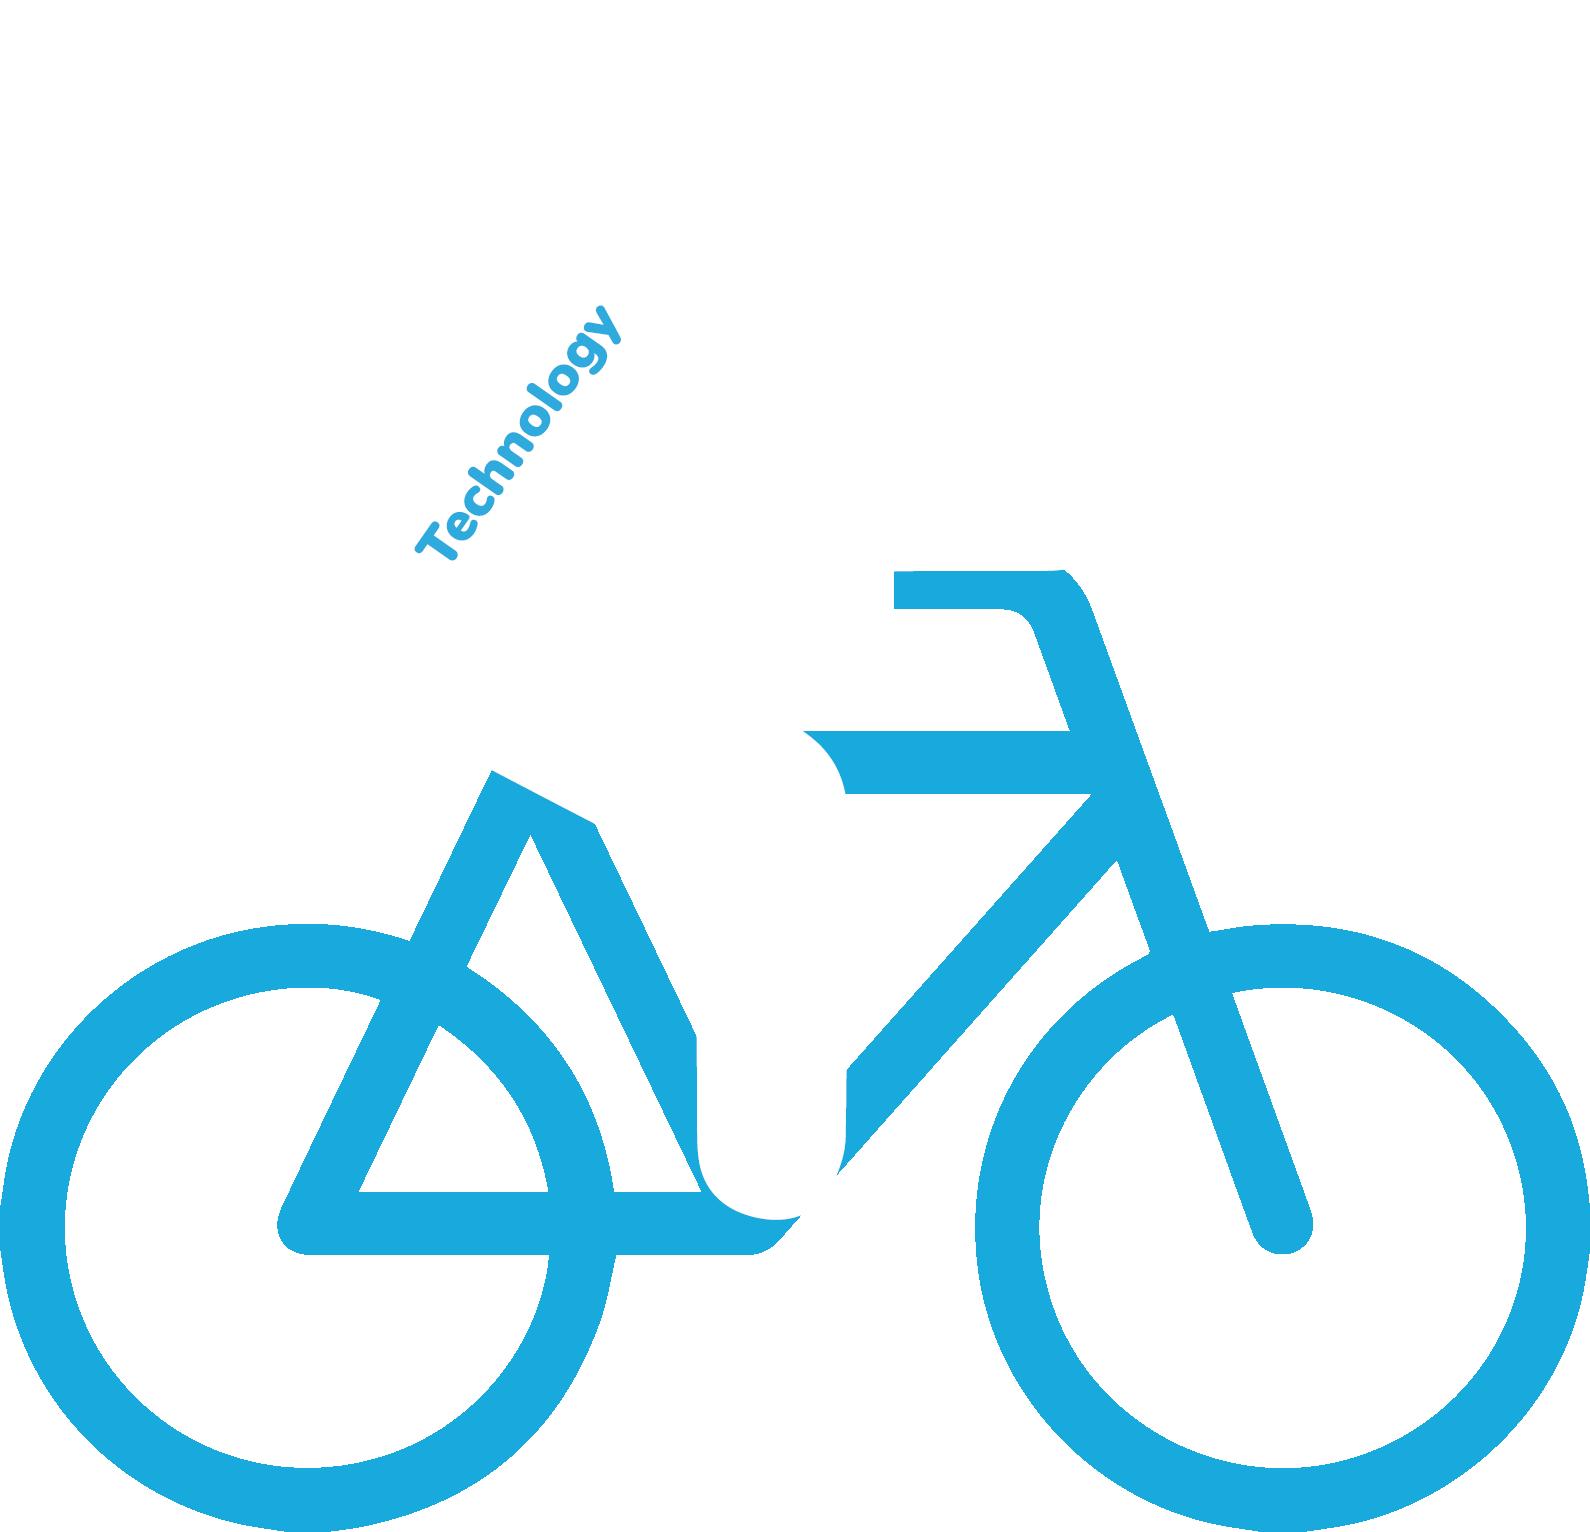 La bicicleta de la Transformación Digital